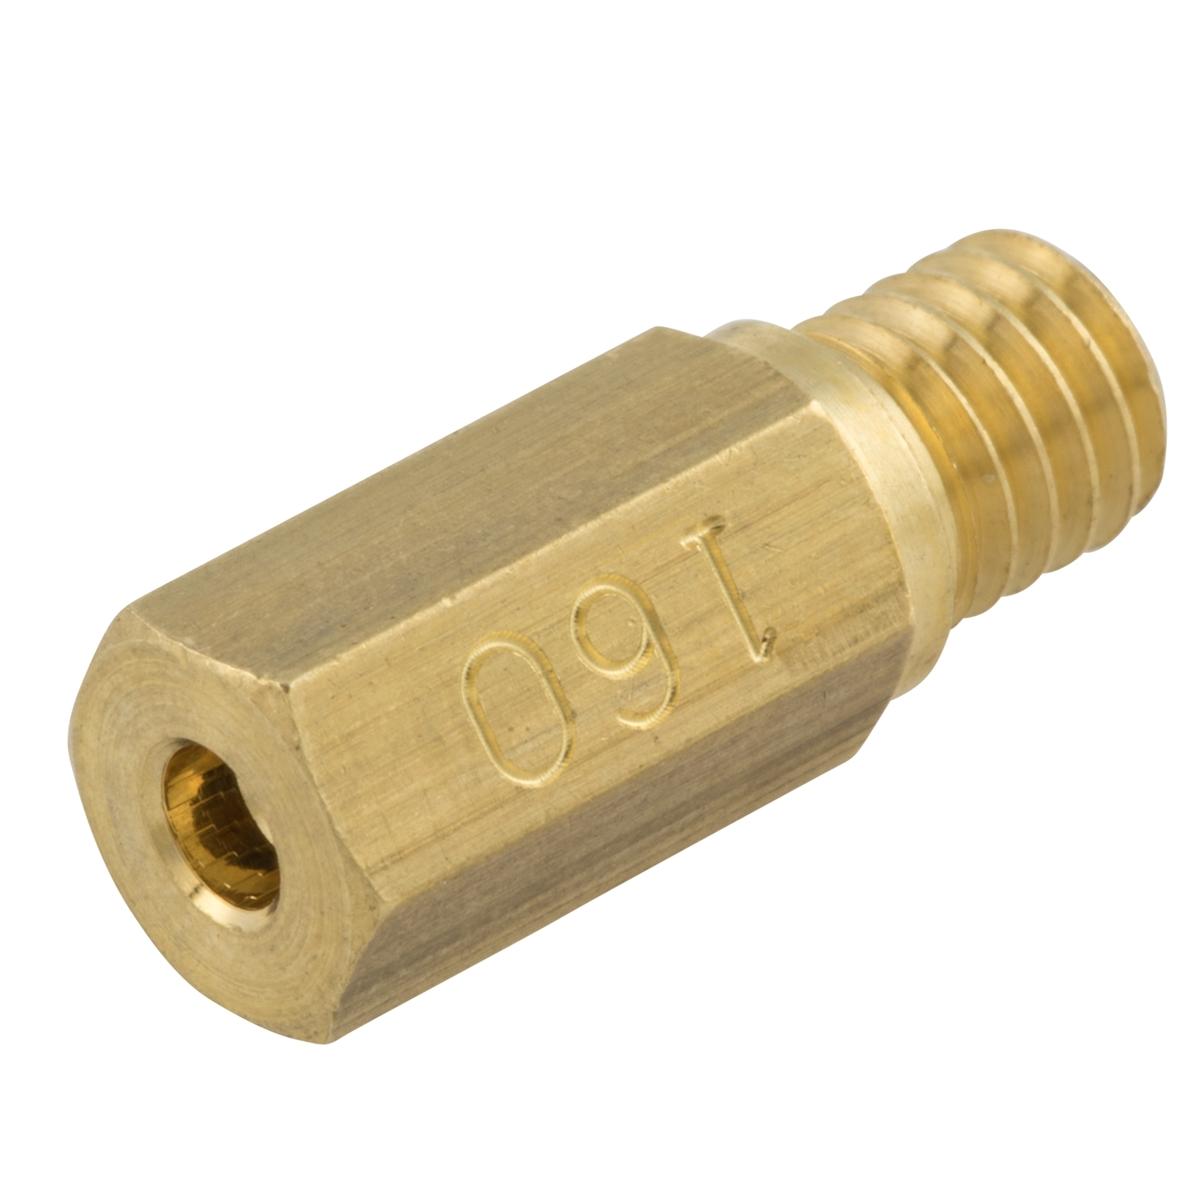 「ノズル KMT 155 Ø 6 mmTitle」の製品画像